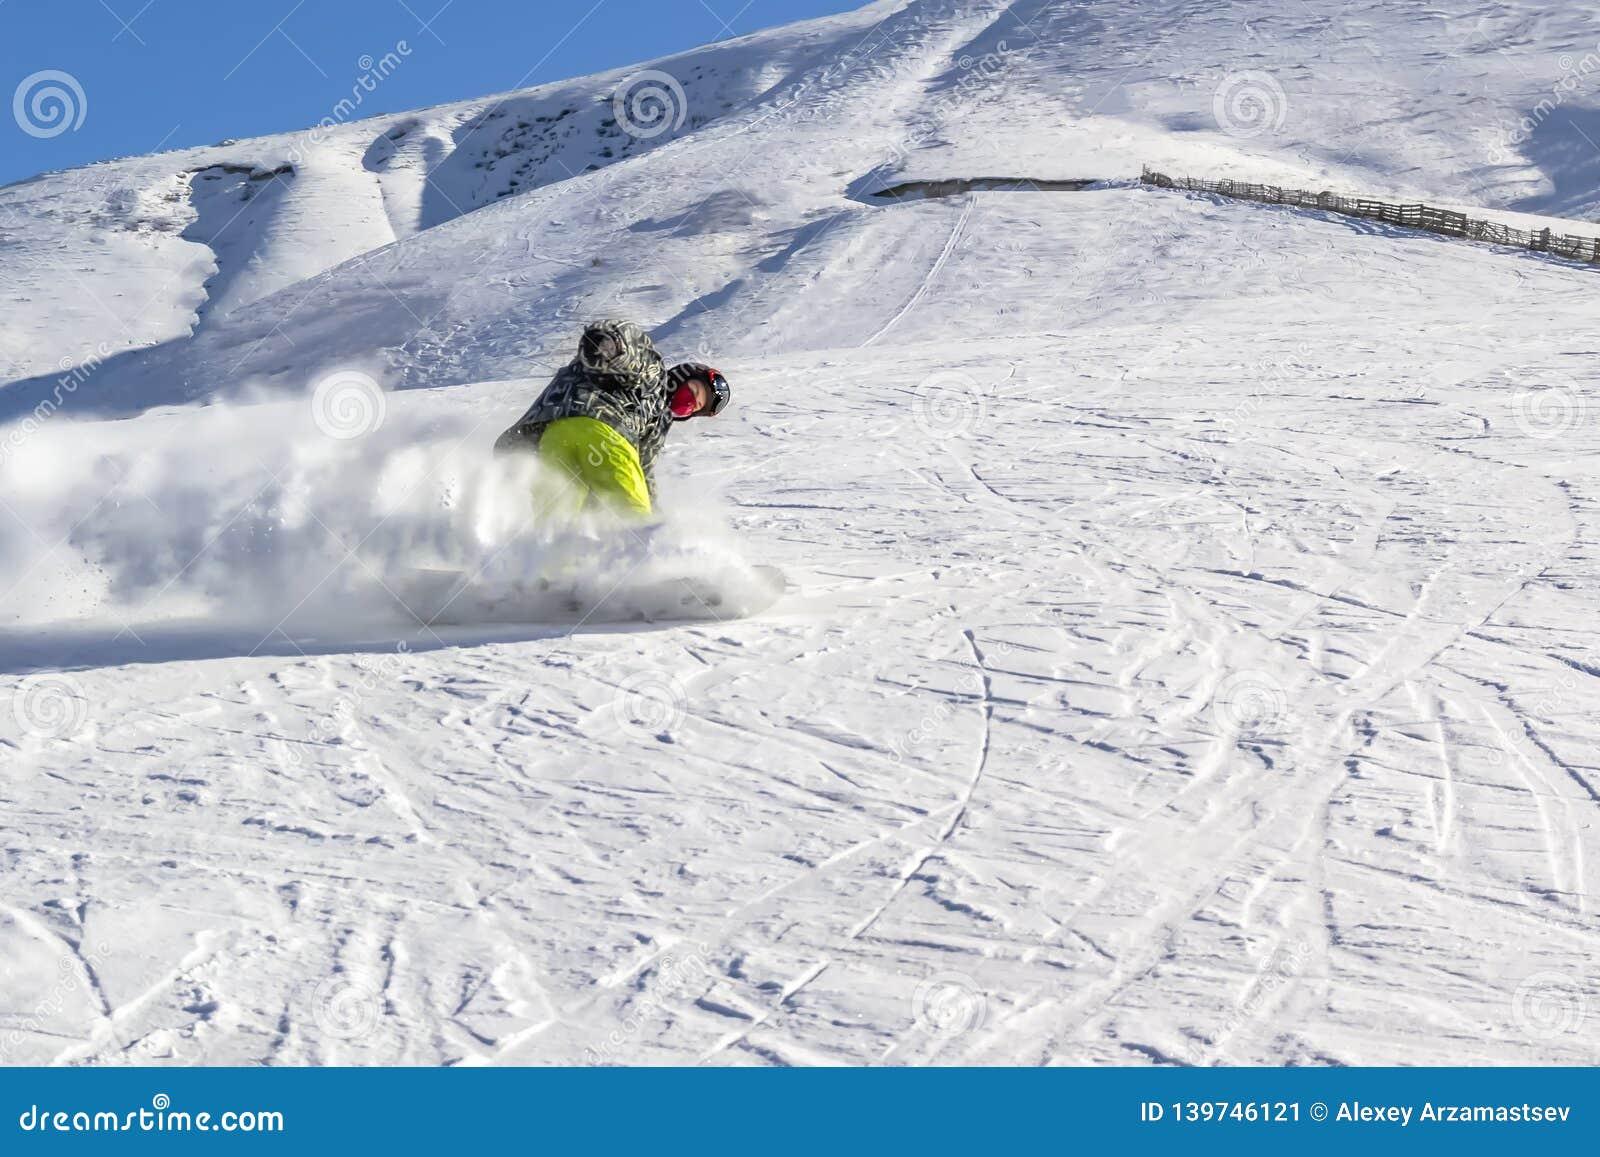 O Snowboarder rola rapidamente para baixo em uma nuvem da poeira da neve contra um céu azul em um dia ensolarado